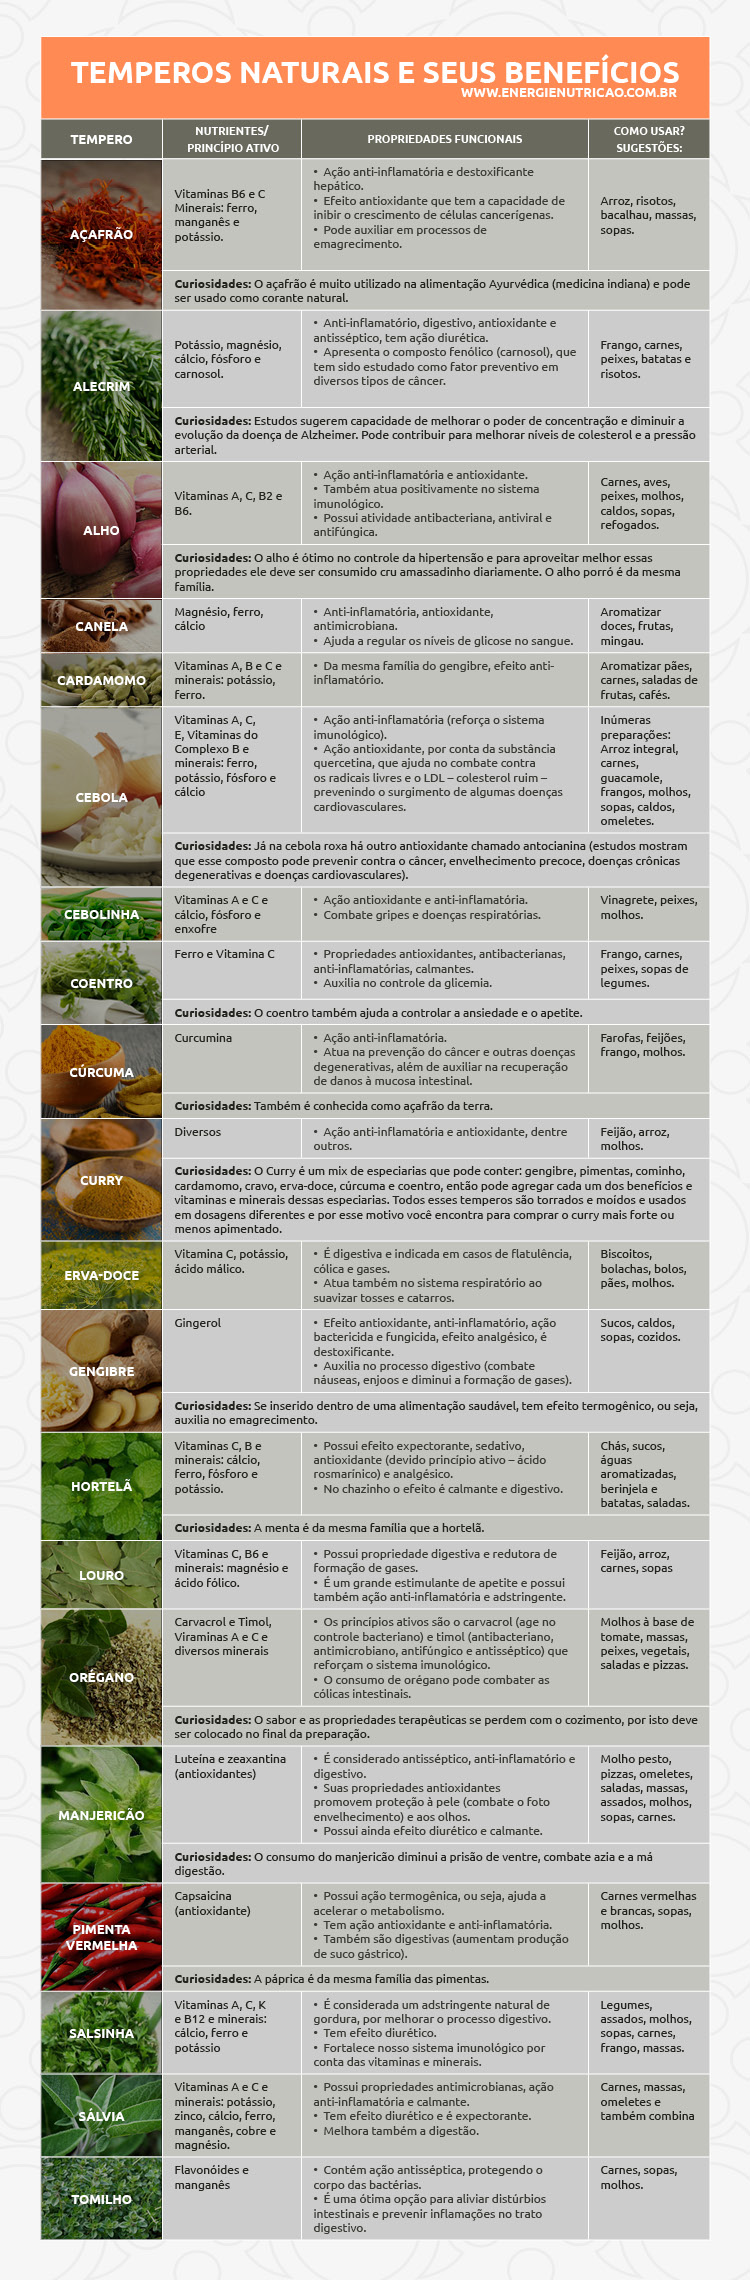 temperos naturais - tabela